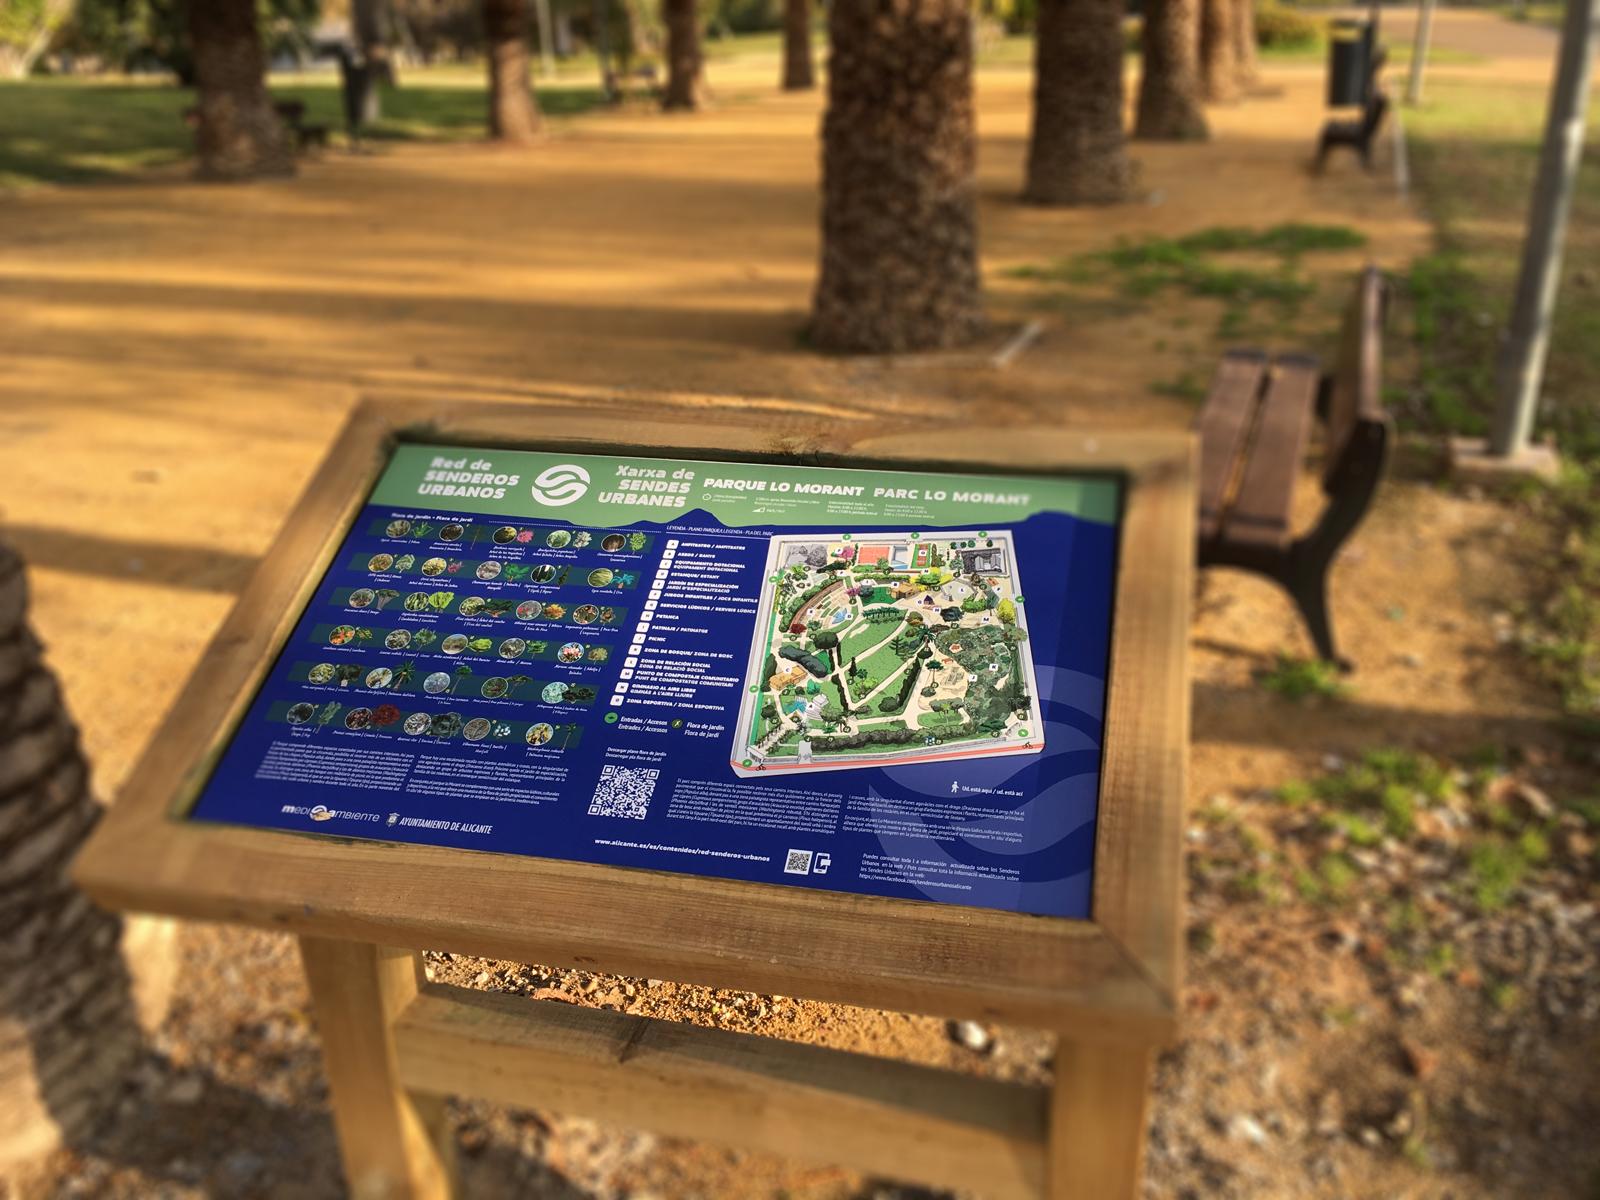 Mesa de interpretación de especies vegetales en el Parque Lo Morant